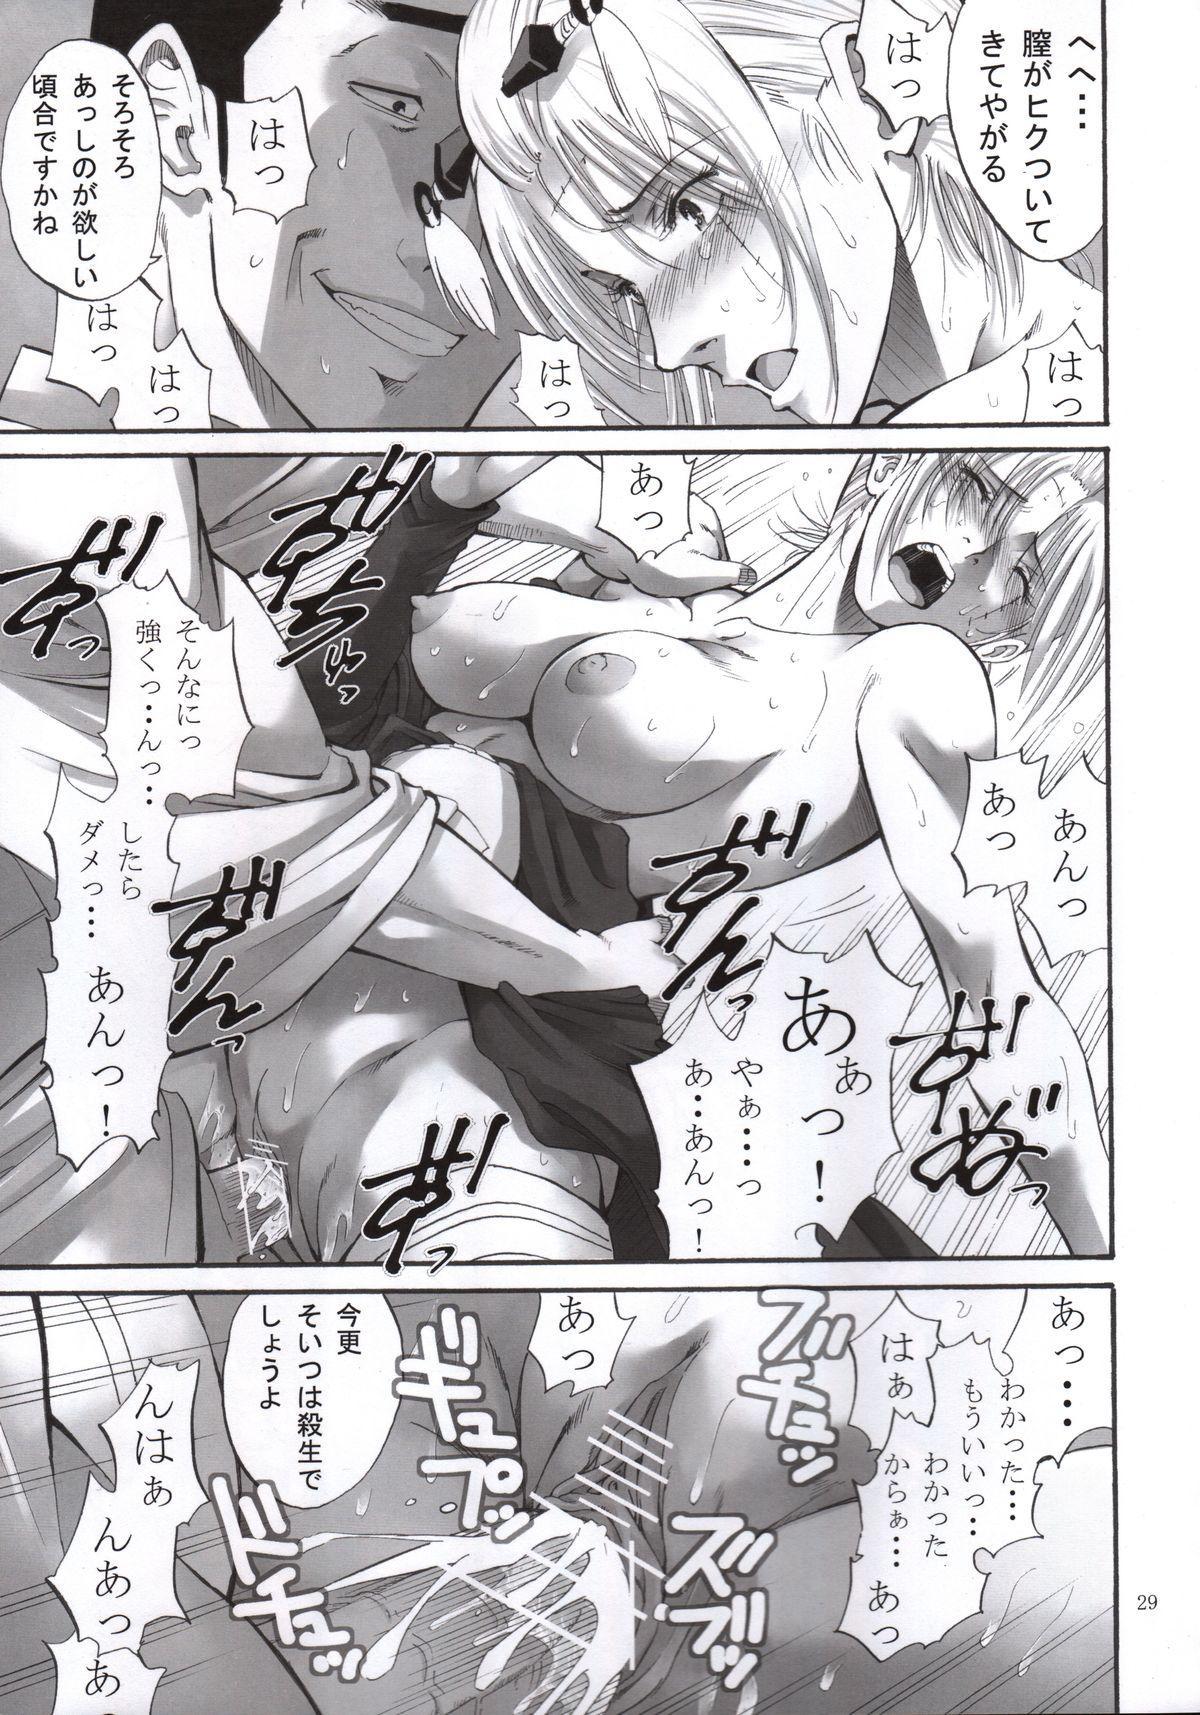 Tsukuyo-san ga Iyarashii Koto o Sarete shimau Hanashi 2 27